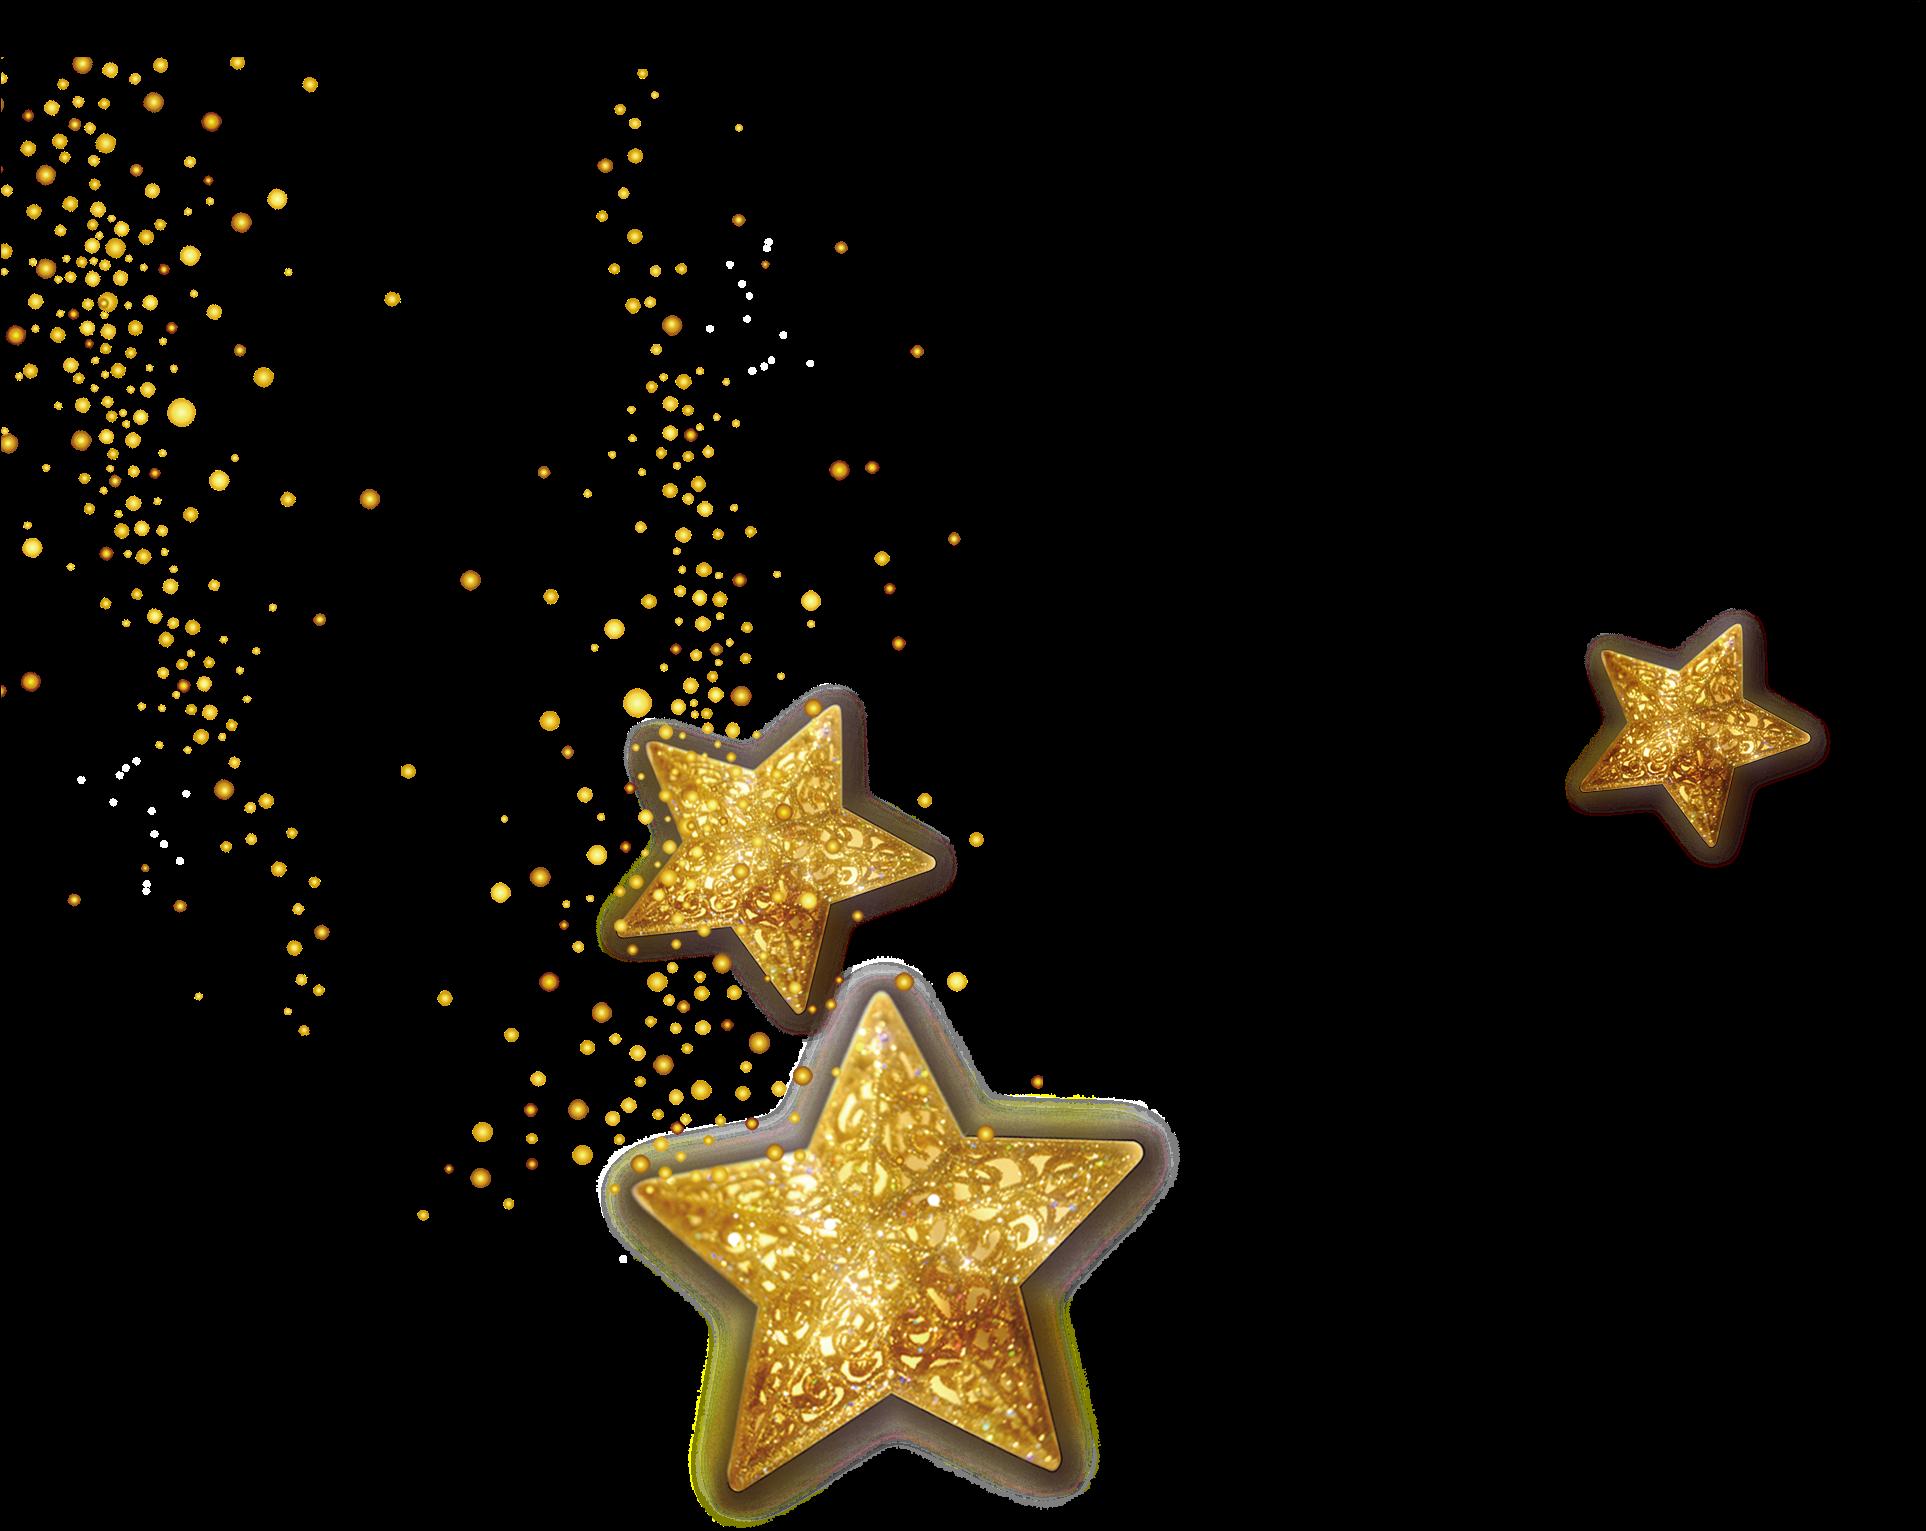 районы звезды в пнг формате надоело, что